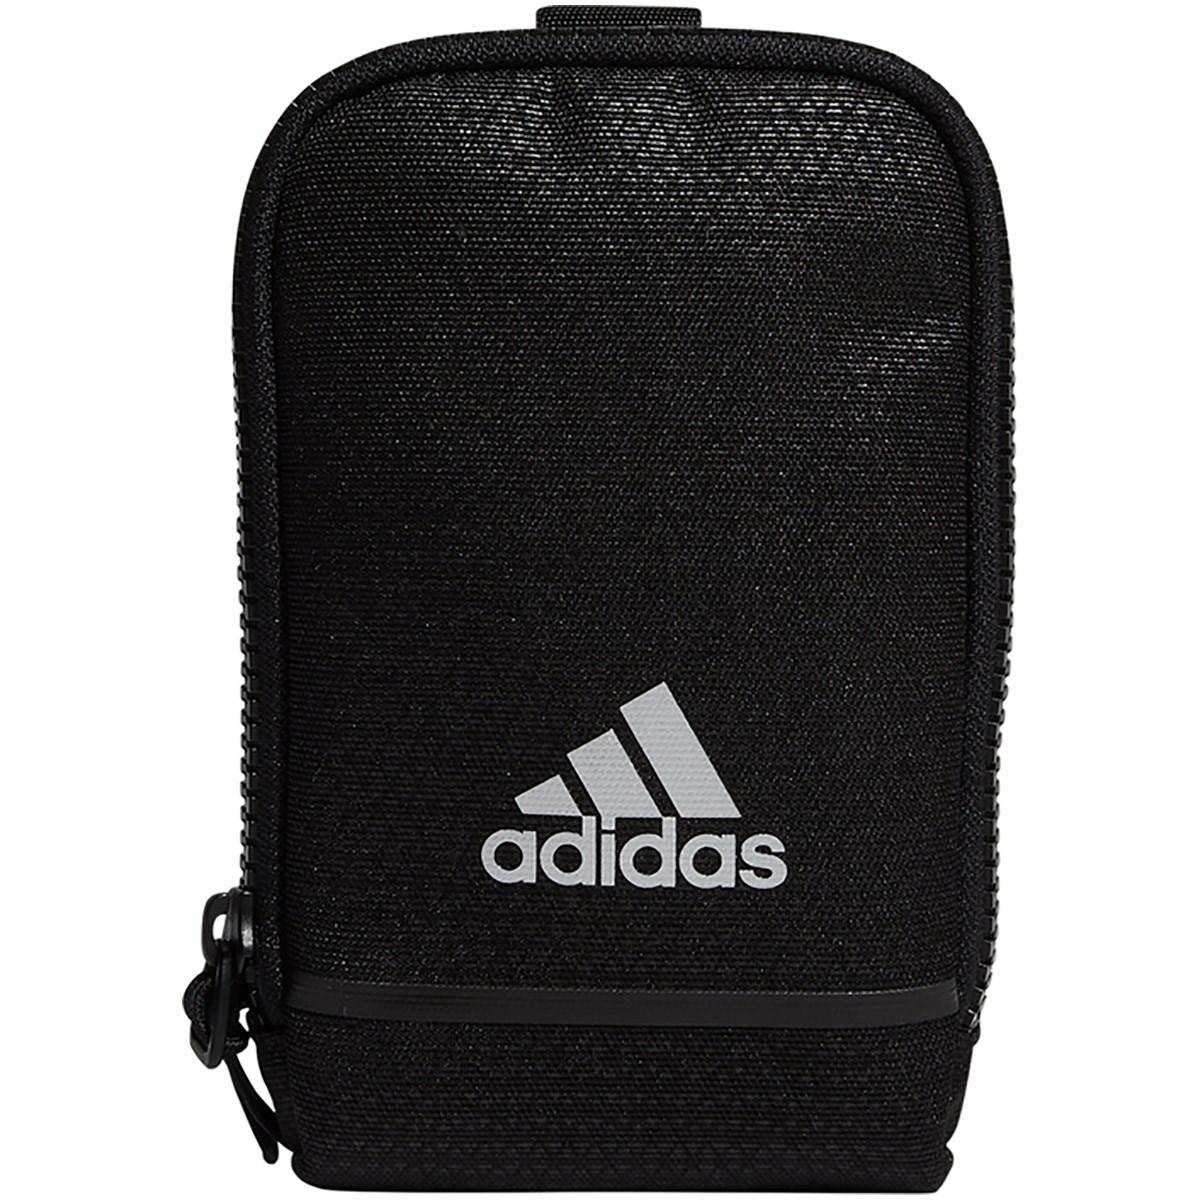 アディダス Adidas アクセサリーポーチ ブラック